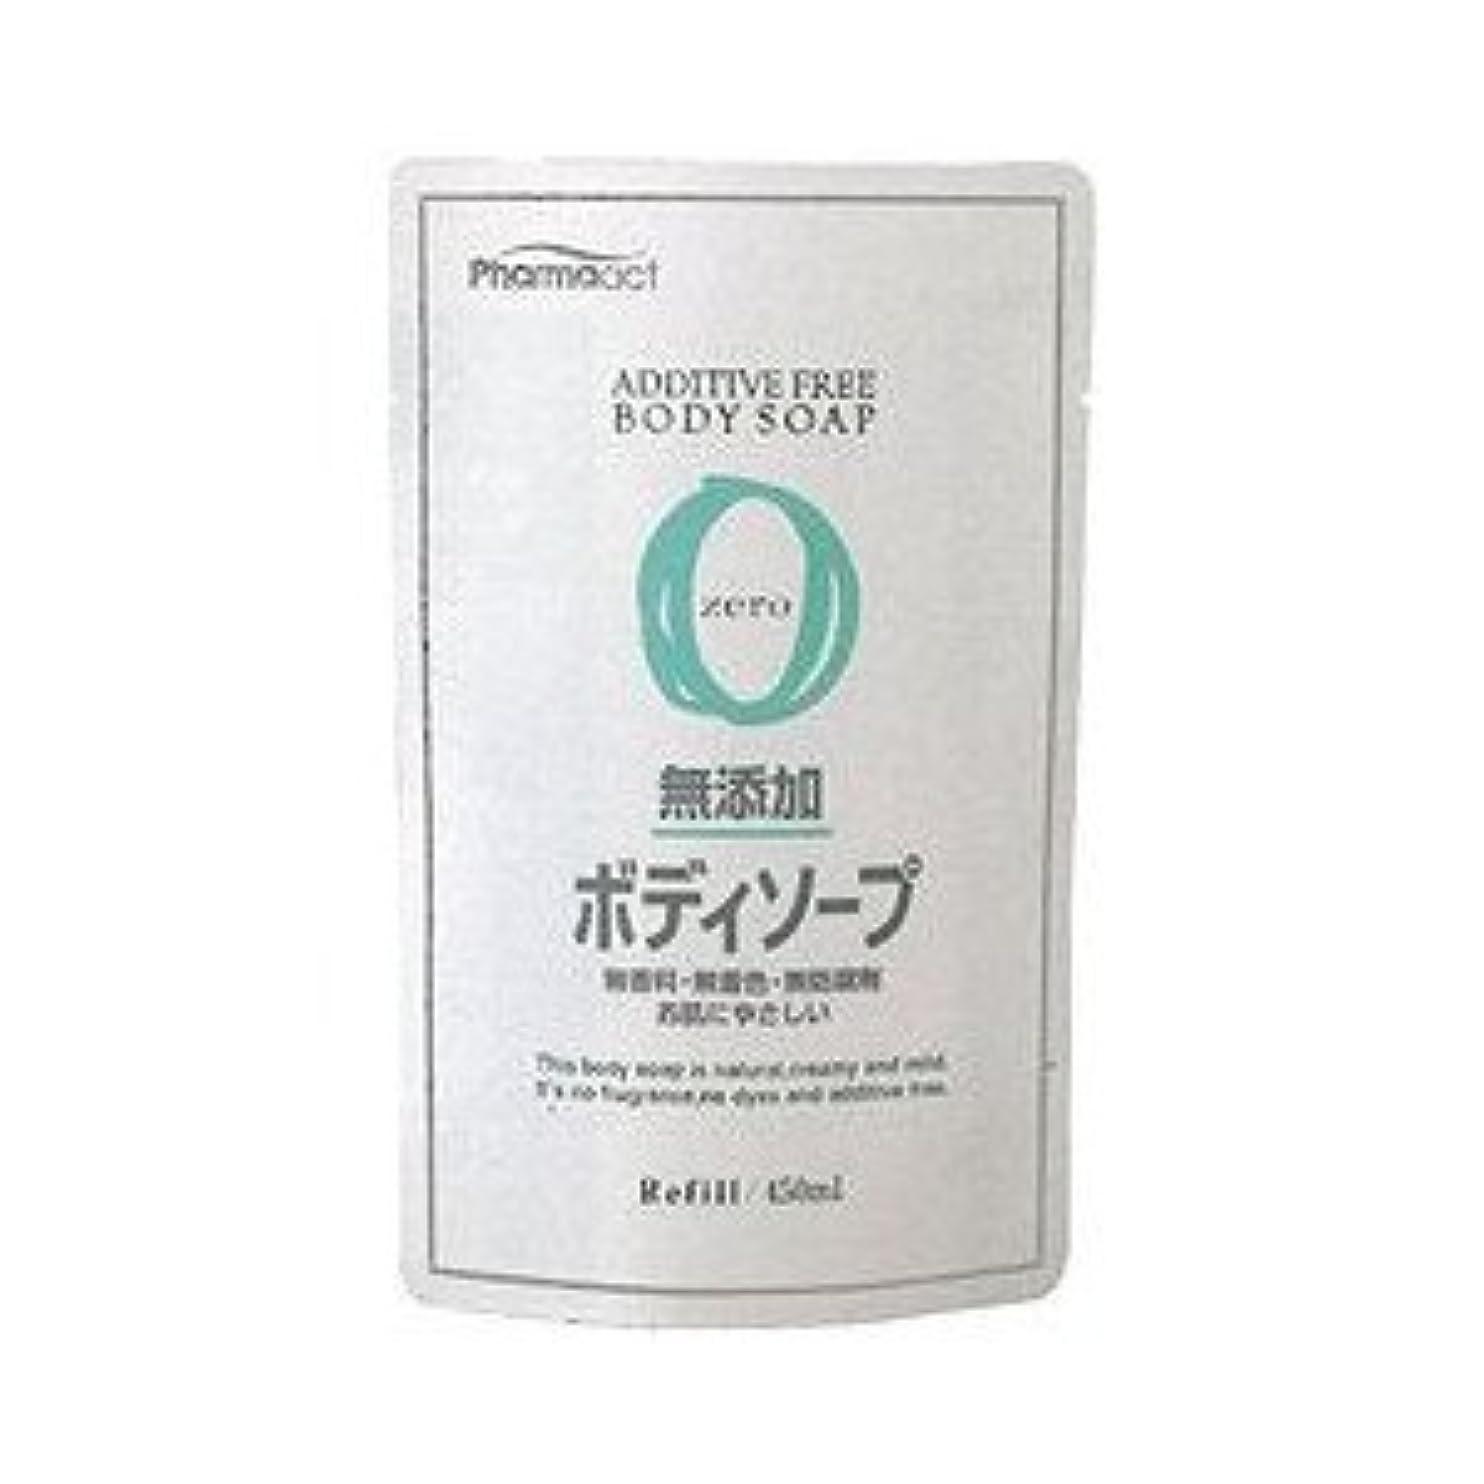 ゼロ旅行ある熊野油脂 ファーマアクト 無添加ボディソープ つめかえ用 450ml×24点セット  香料?着色料?防腐剤は使用しておりません